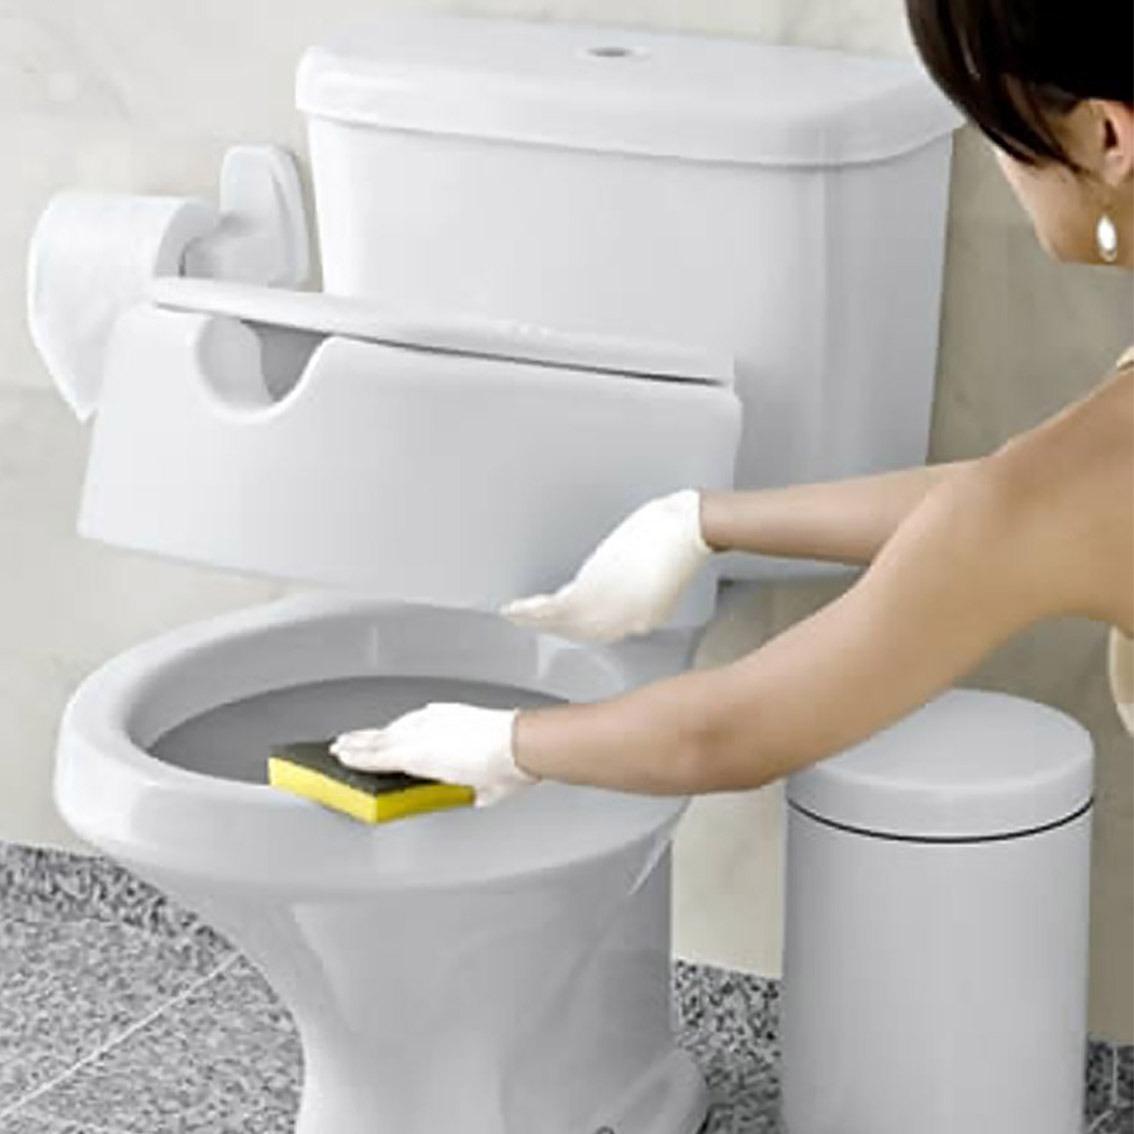 Assento Sanitário Elevado E Tampa Para Idosos E Deficientes R$ 89  #B39E08 1134x1134 Assento De Banheiro Para Deficiente